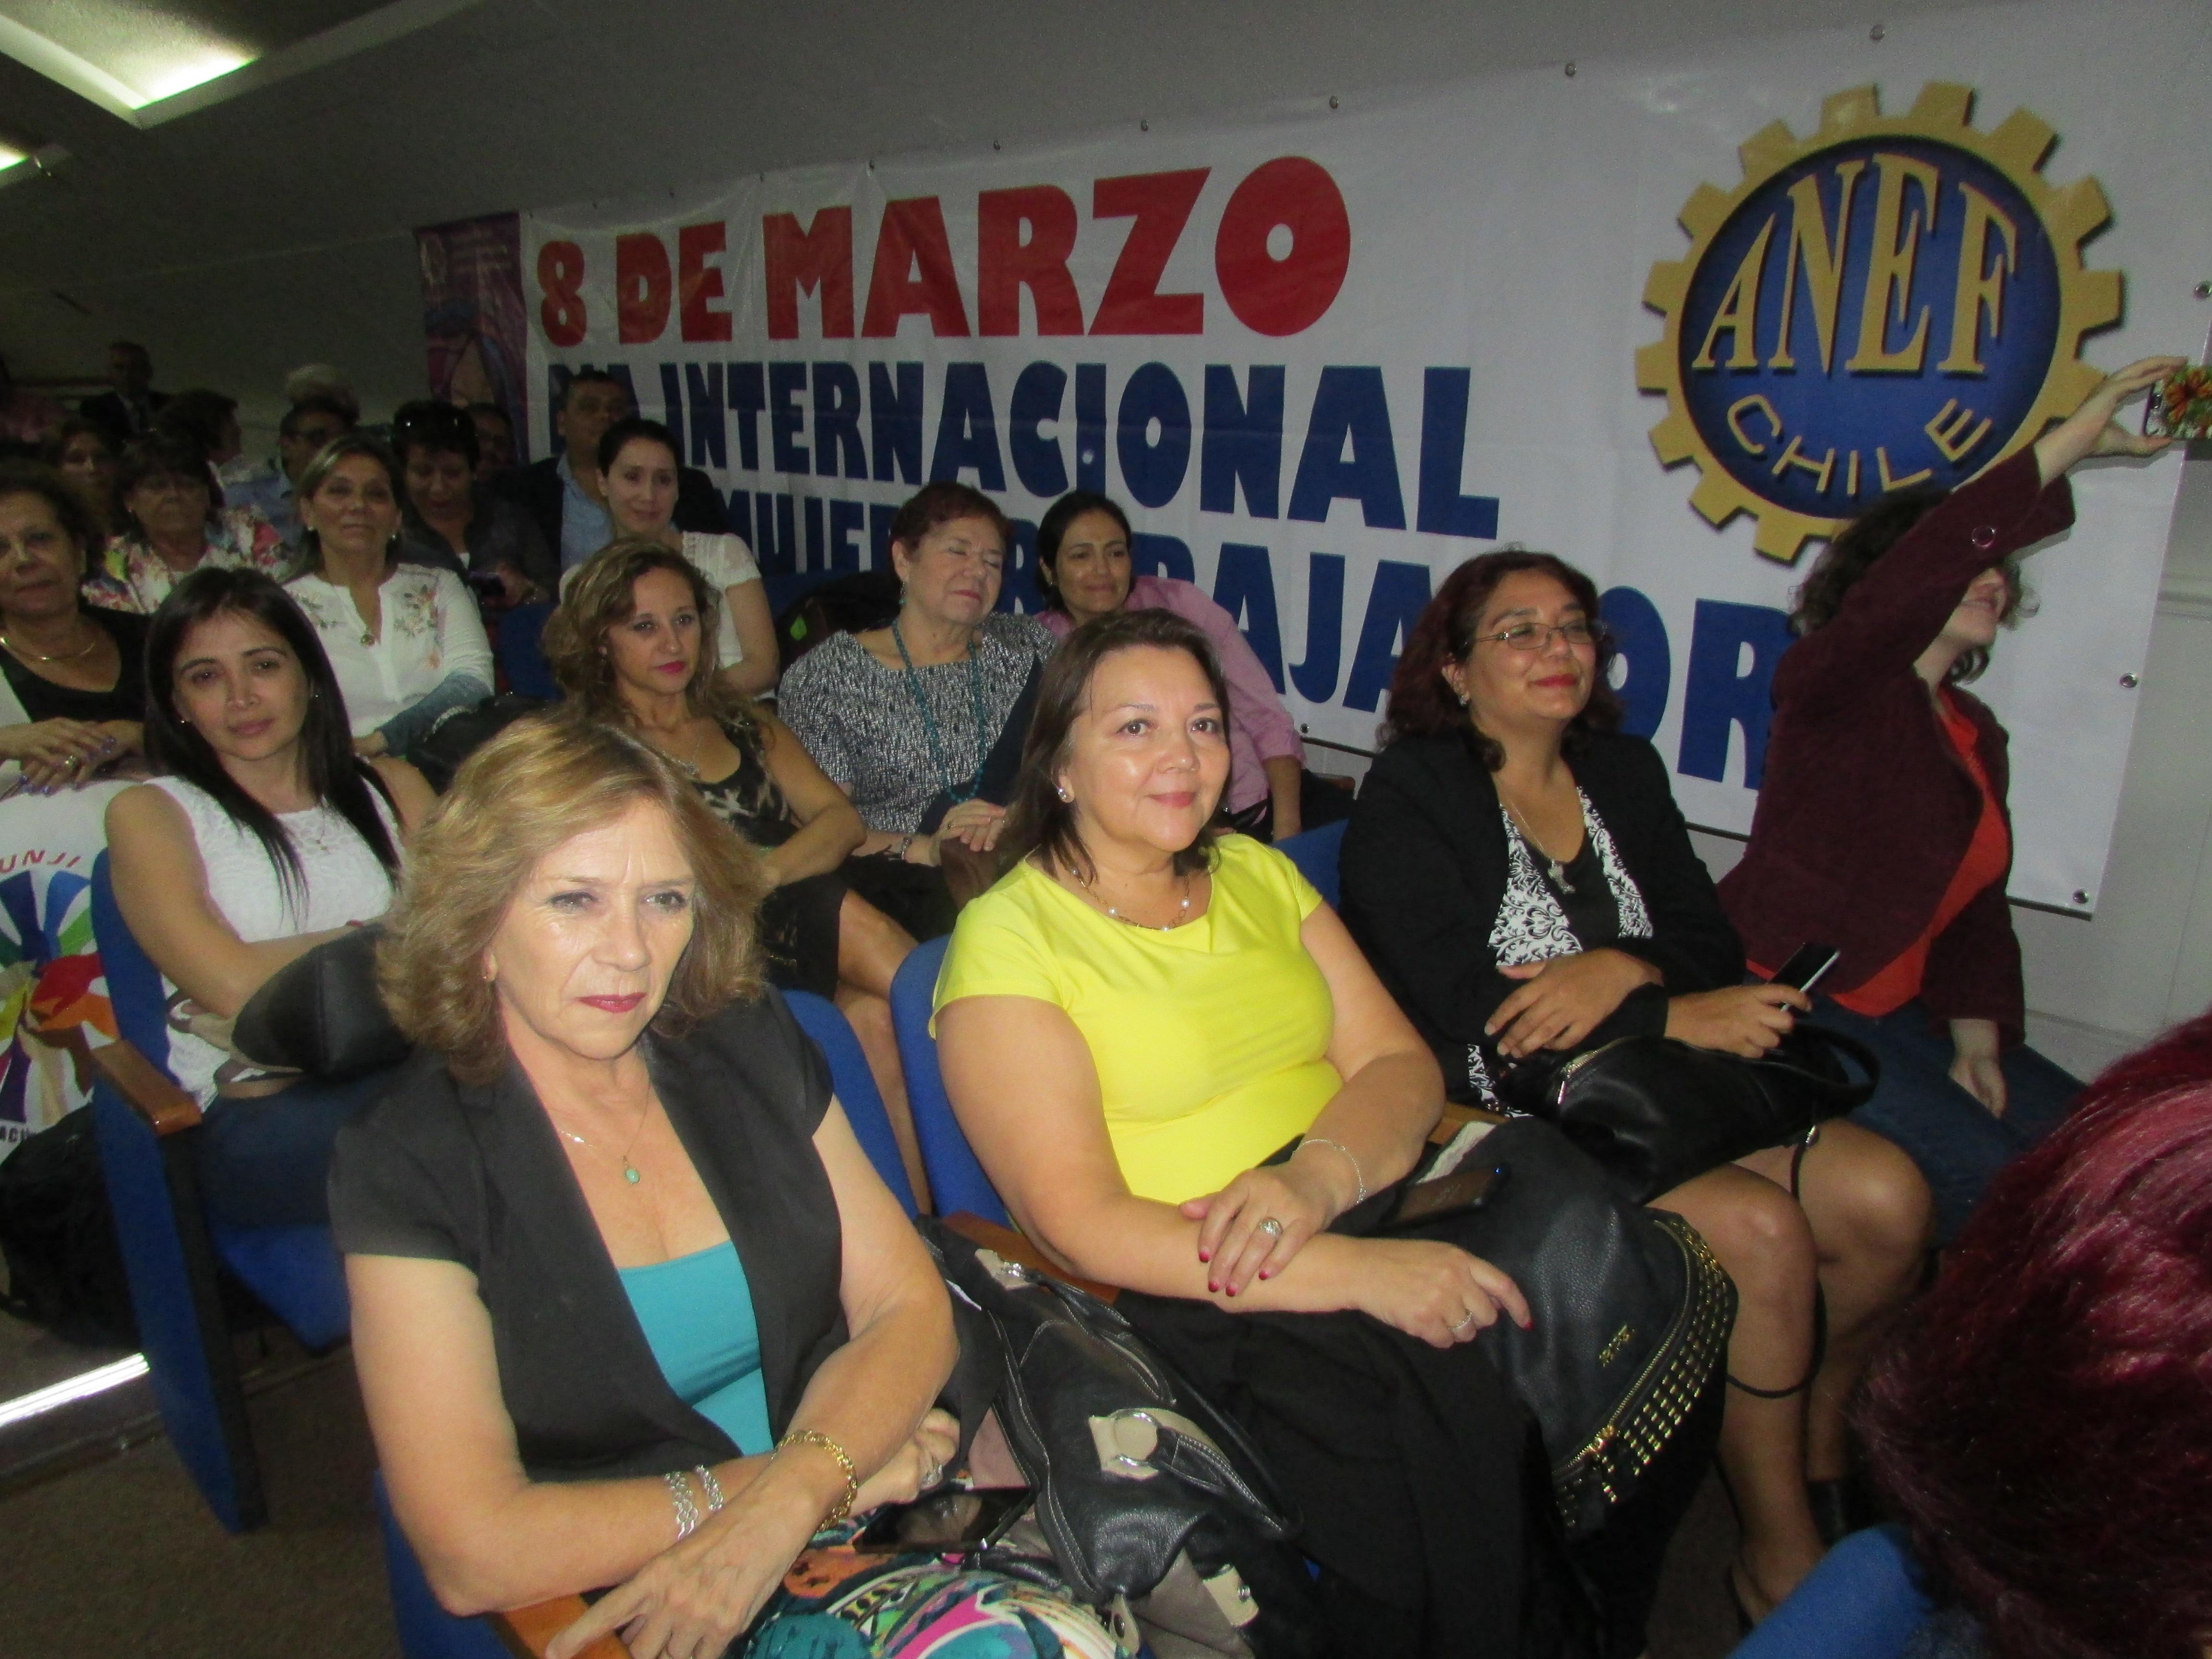 ANEC participa en acto ANEF por Día Internacional de la Mujer - 09 Marzo 2017